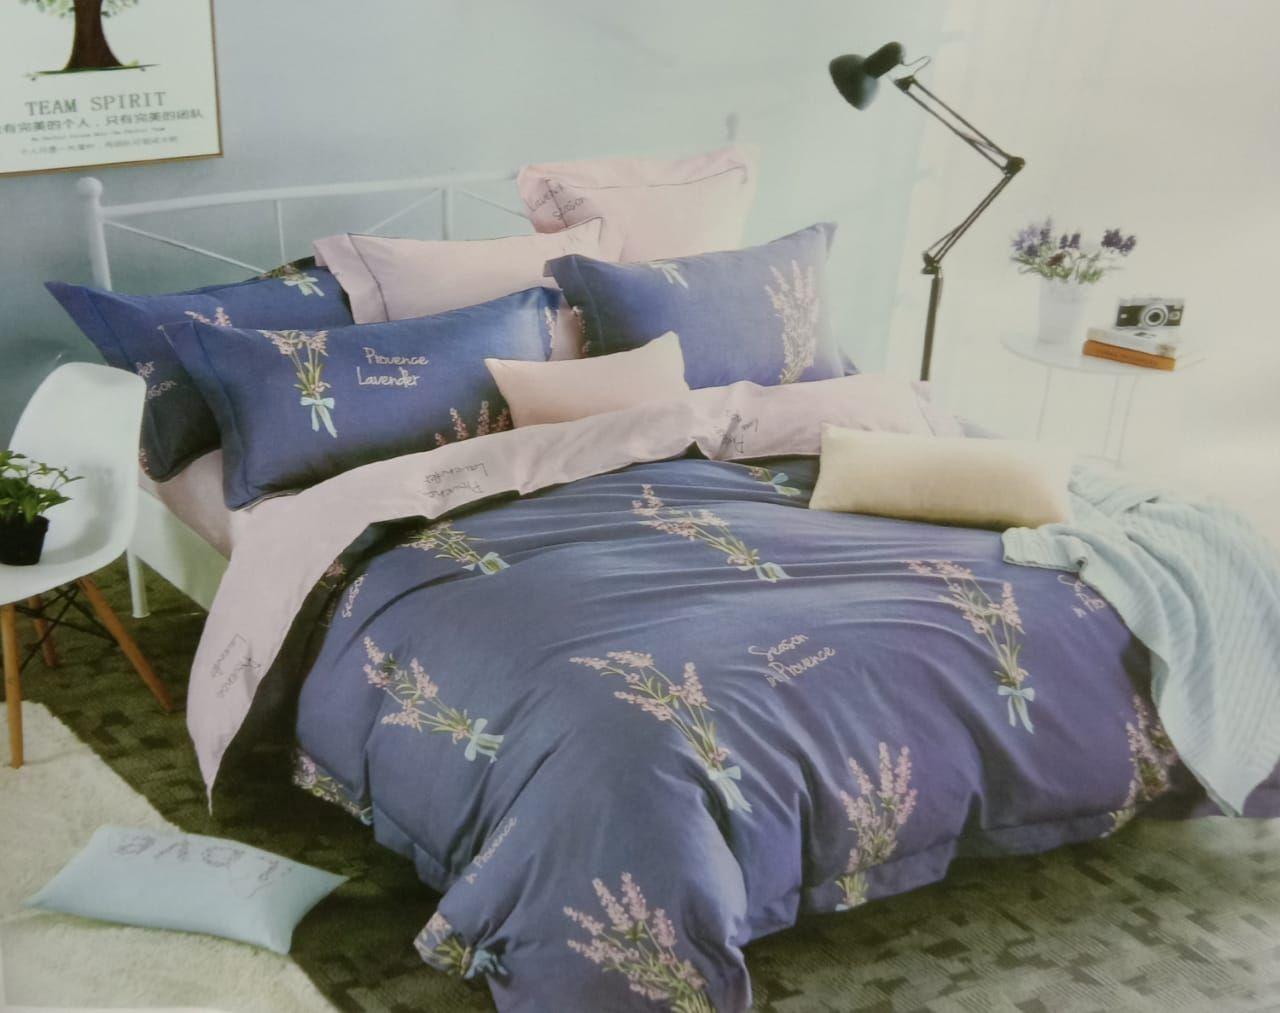 Hotel Bedding In 2020 King Size Comforter Sets Comforter Sets